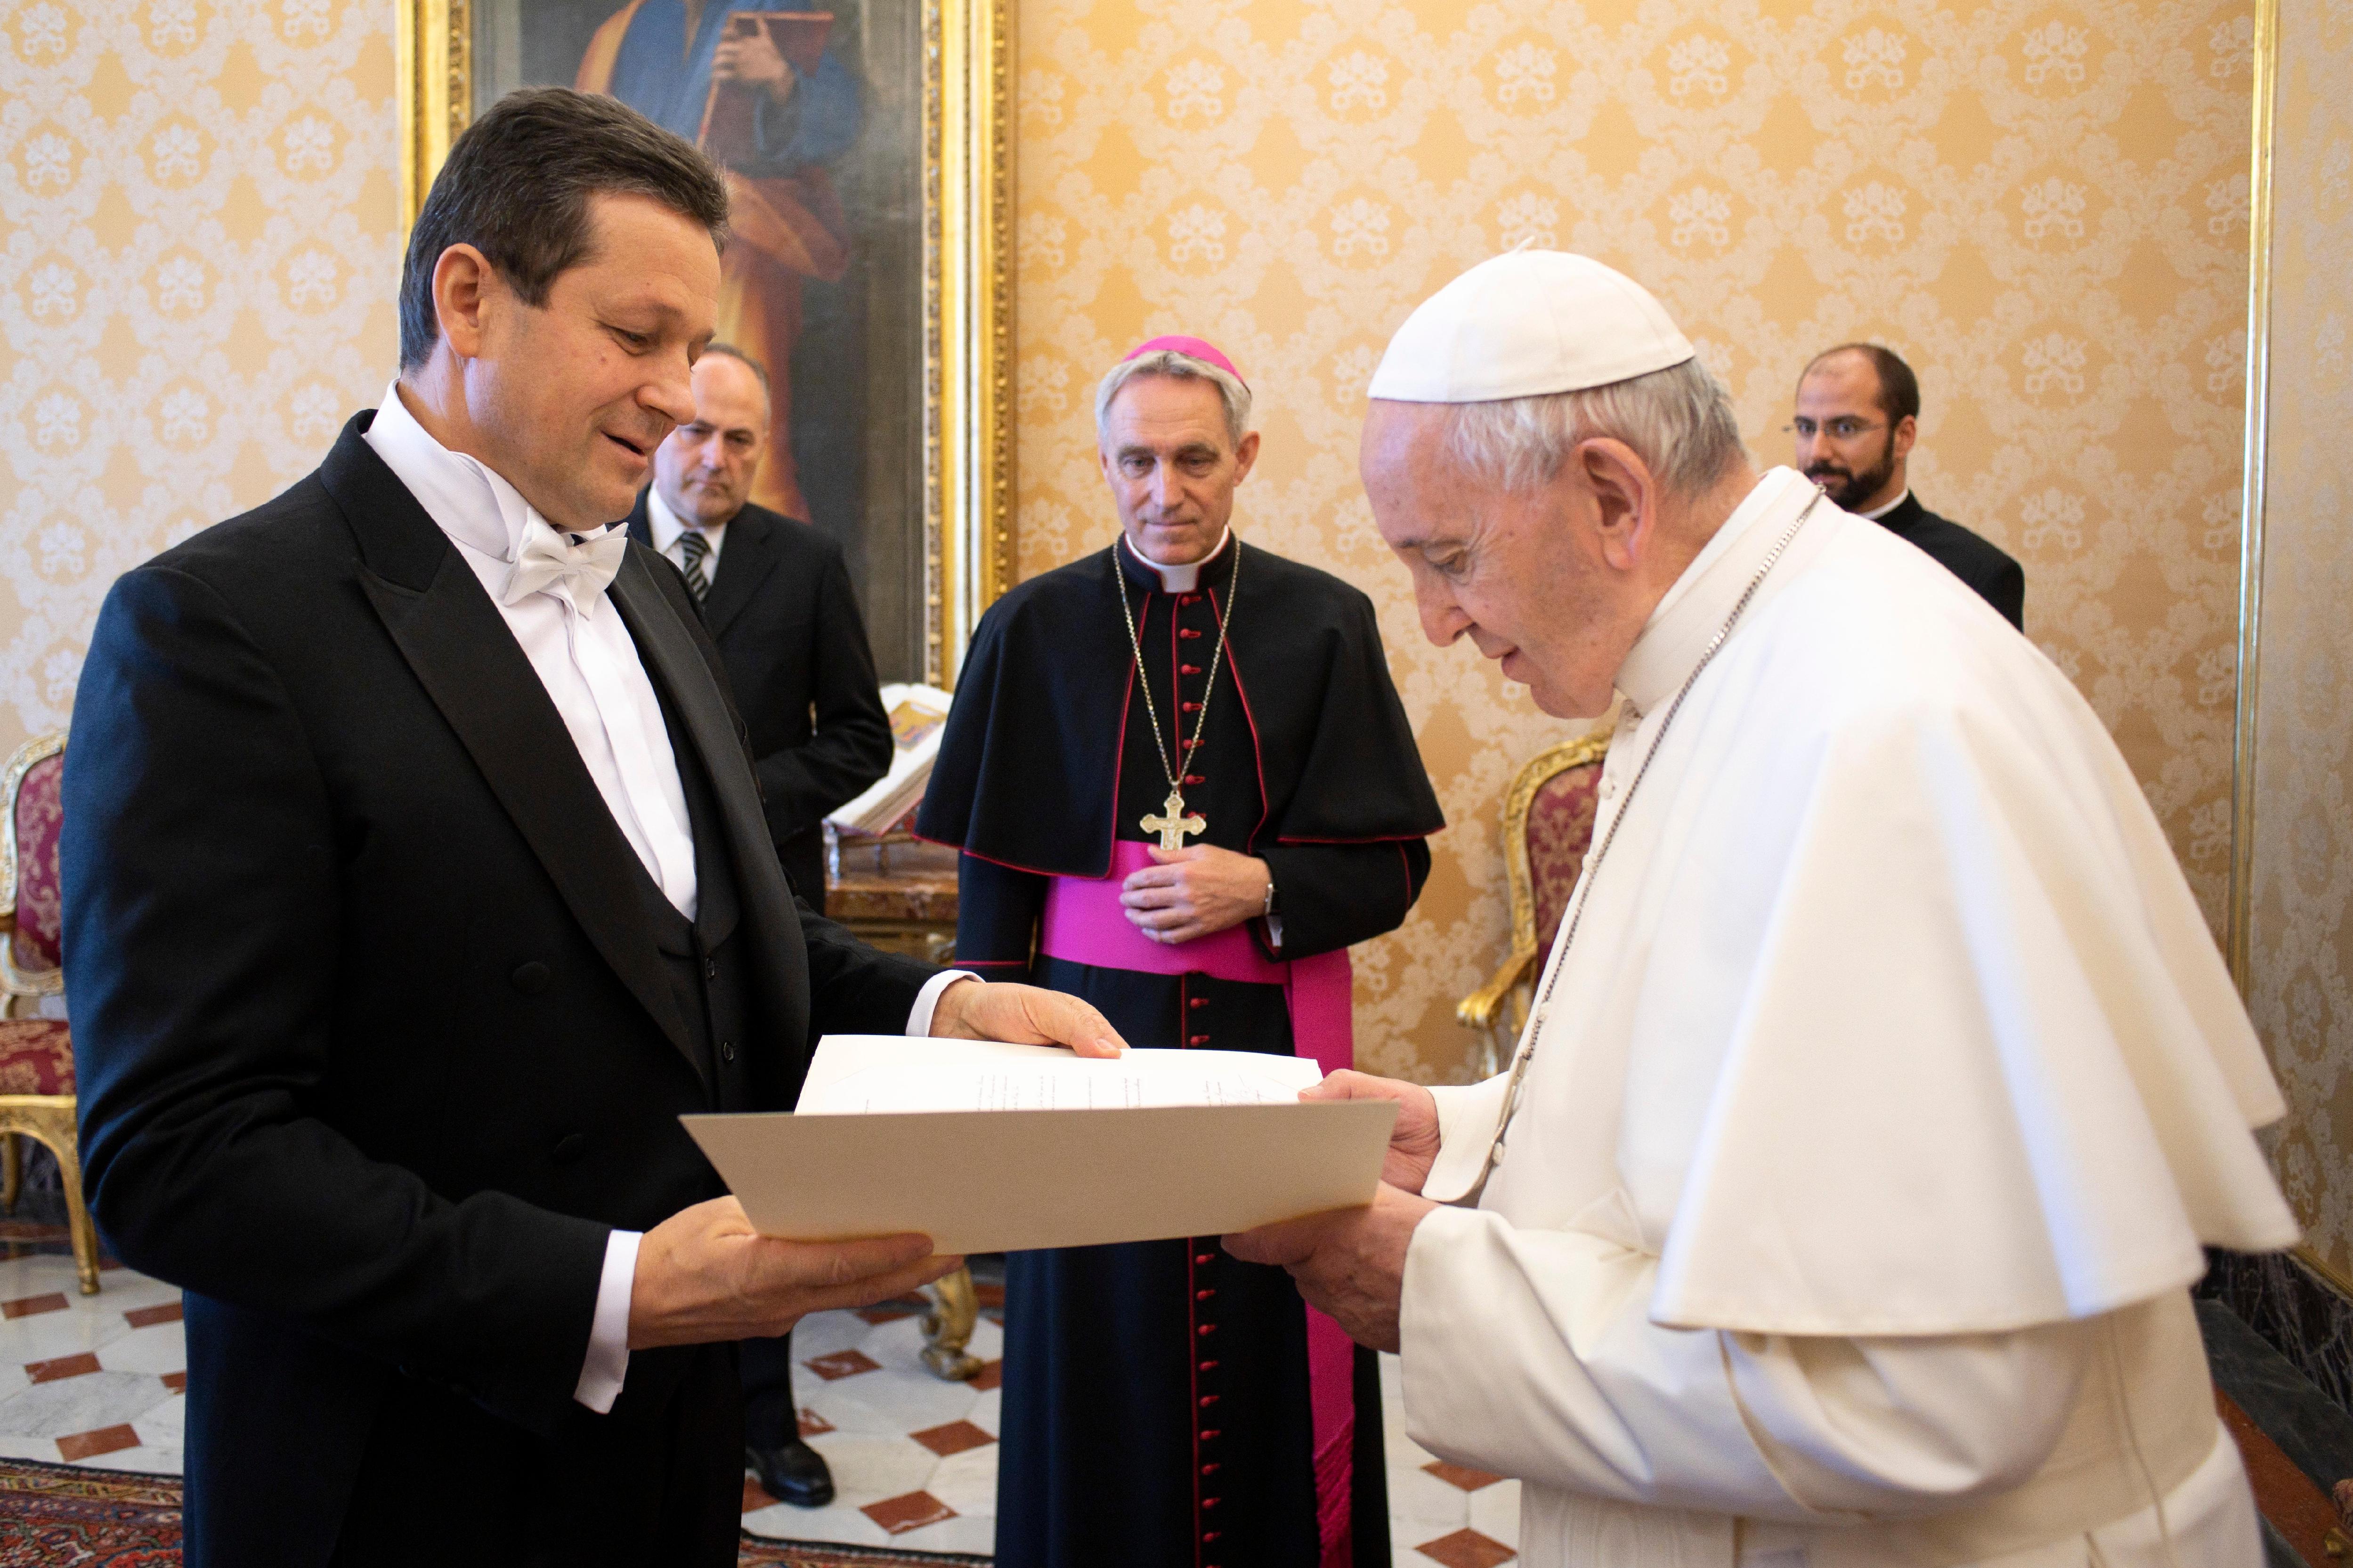 Josip Gelo ambassadeur de Bosnie-Herzégovine © Vatican Media